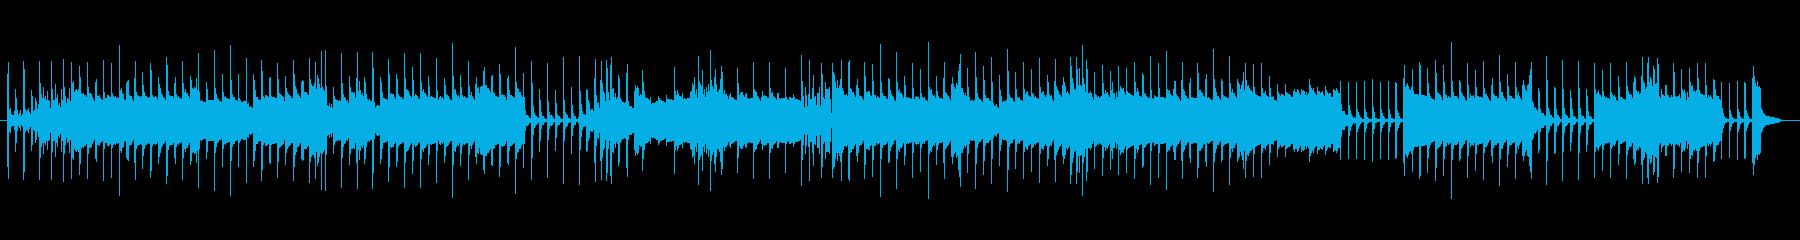 スピード感ある楽しいメロディーの再生済みの波形